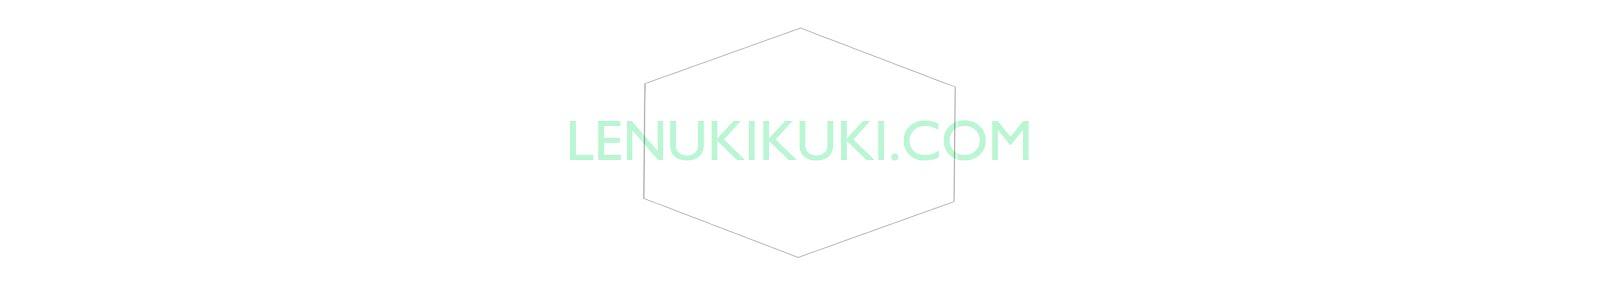 Lenukikuki.com | Personal Blog